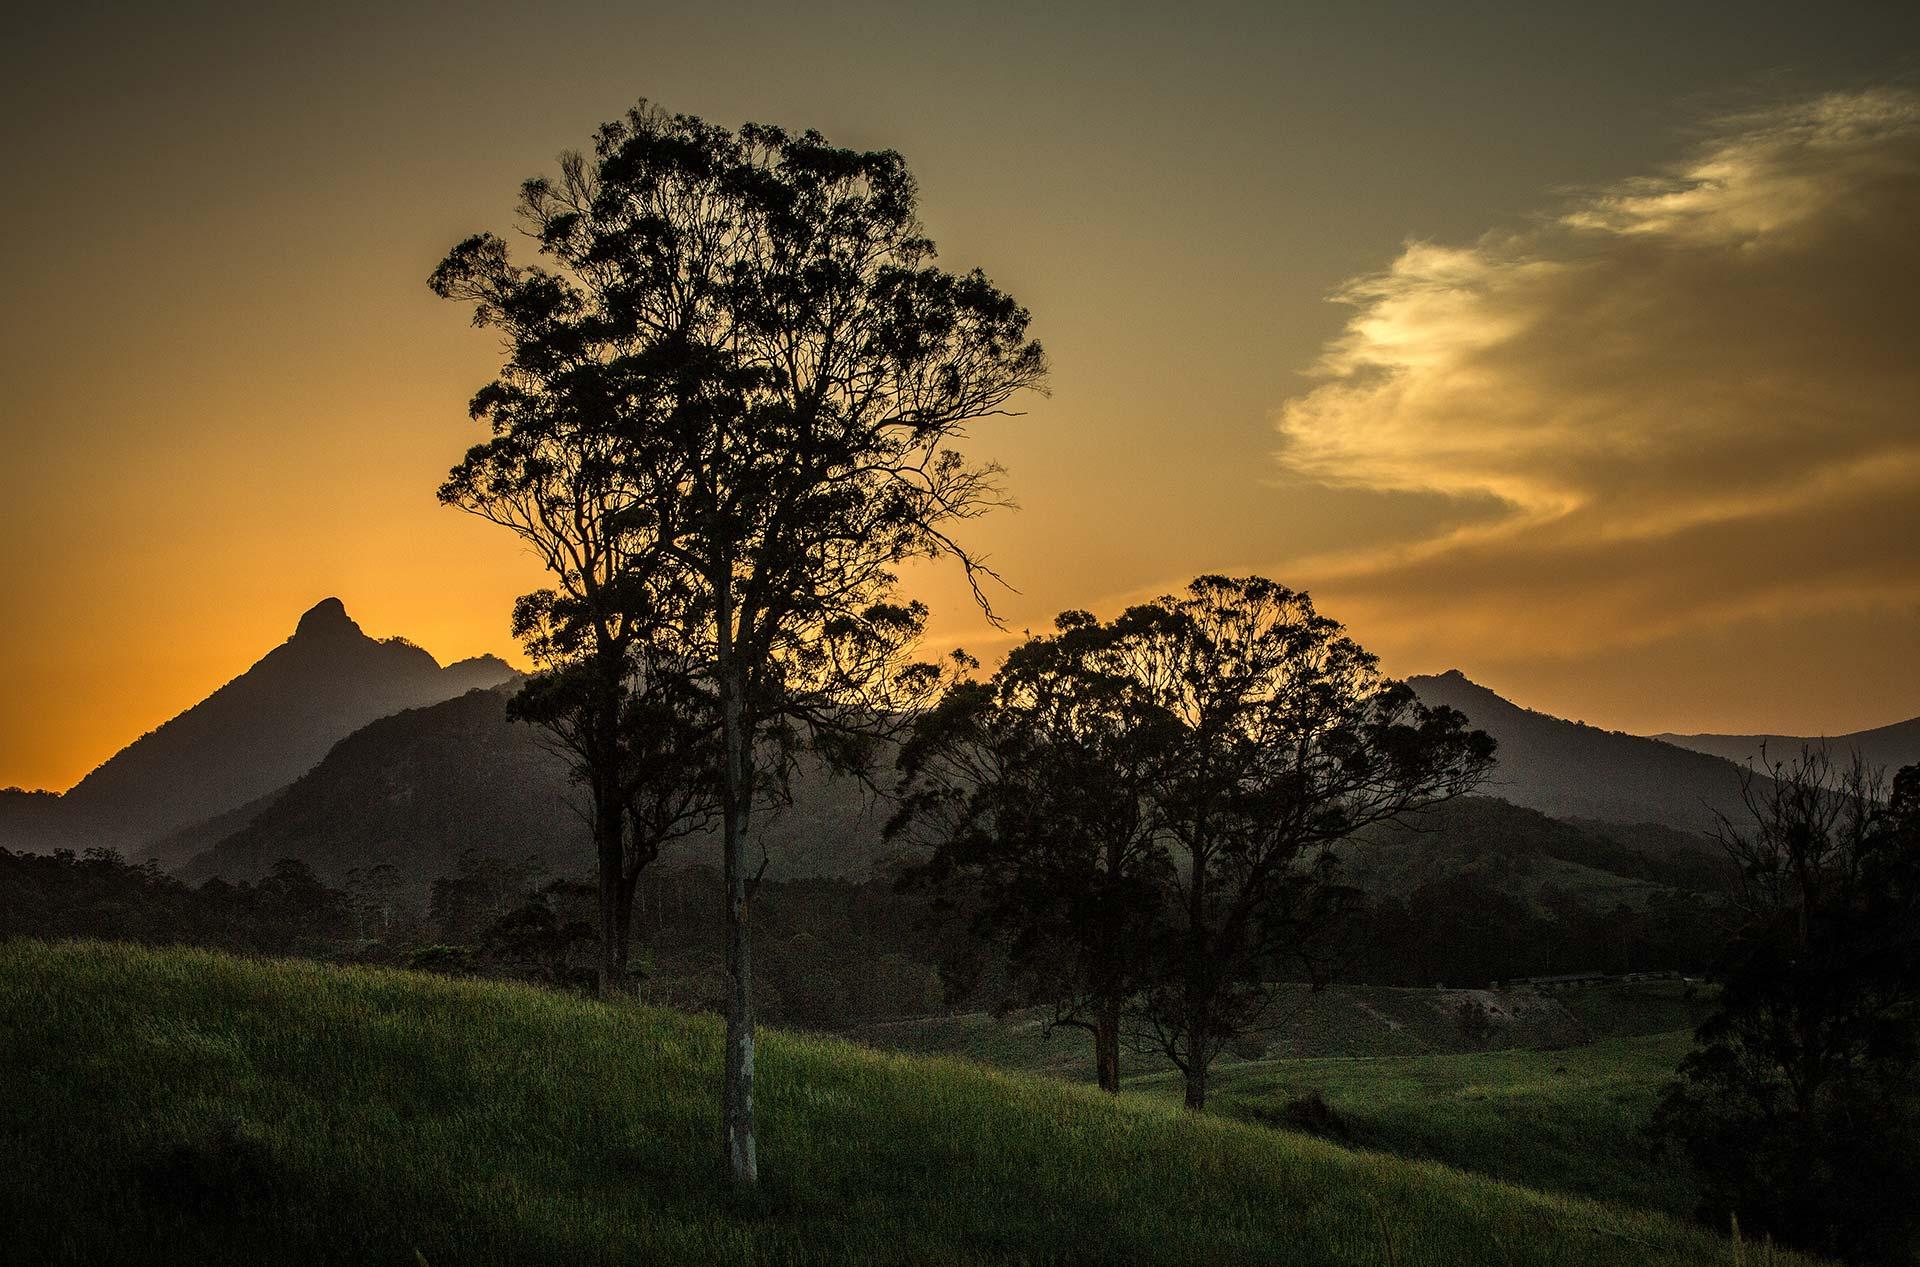 Rural_Magic,_The_Tweed